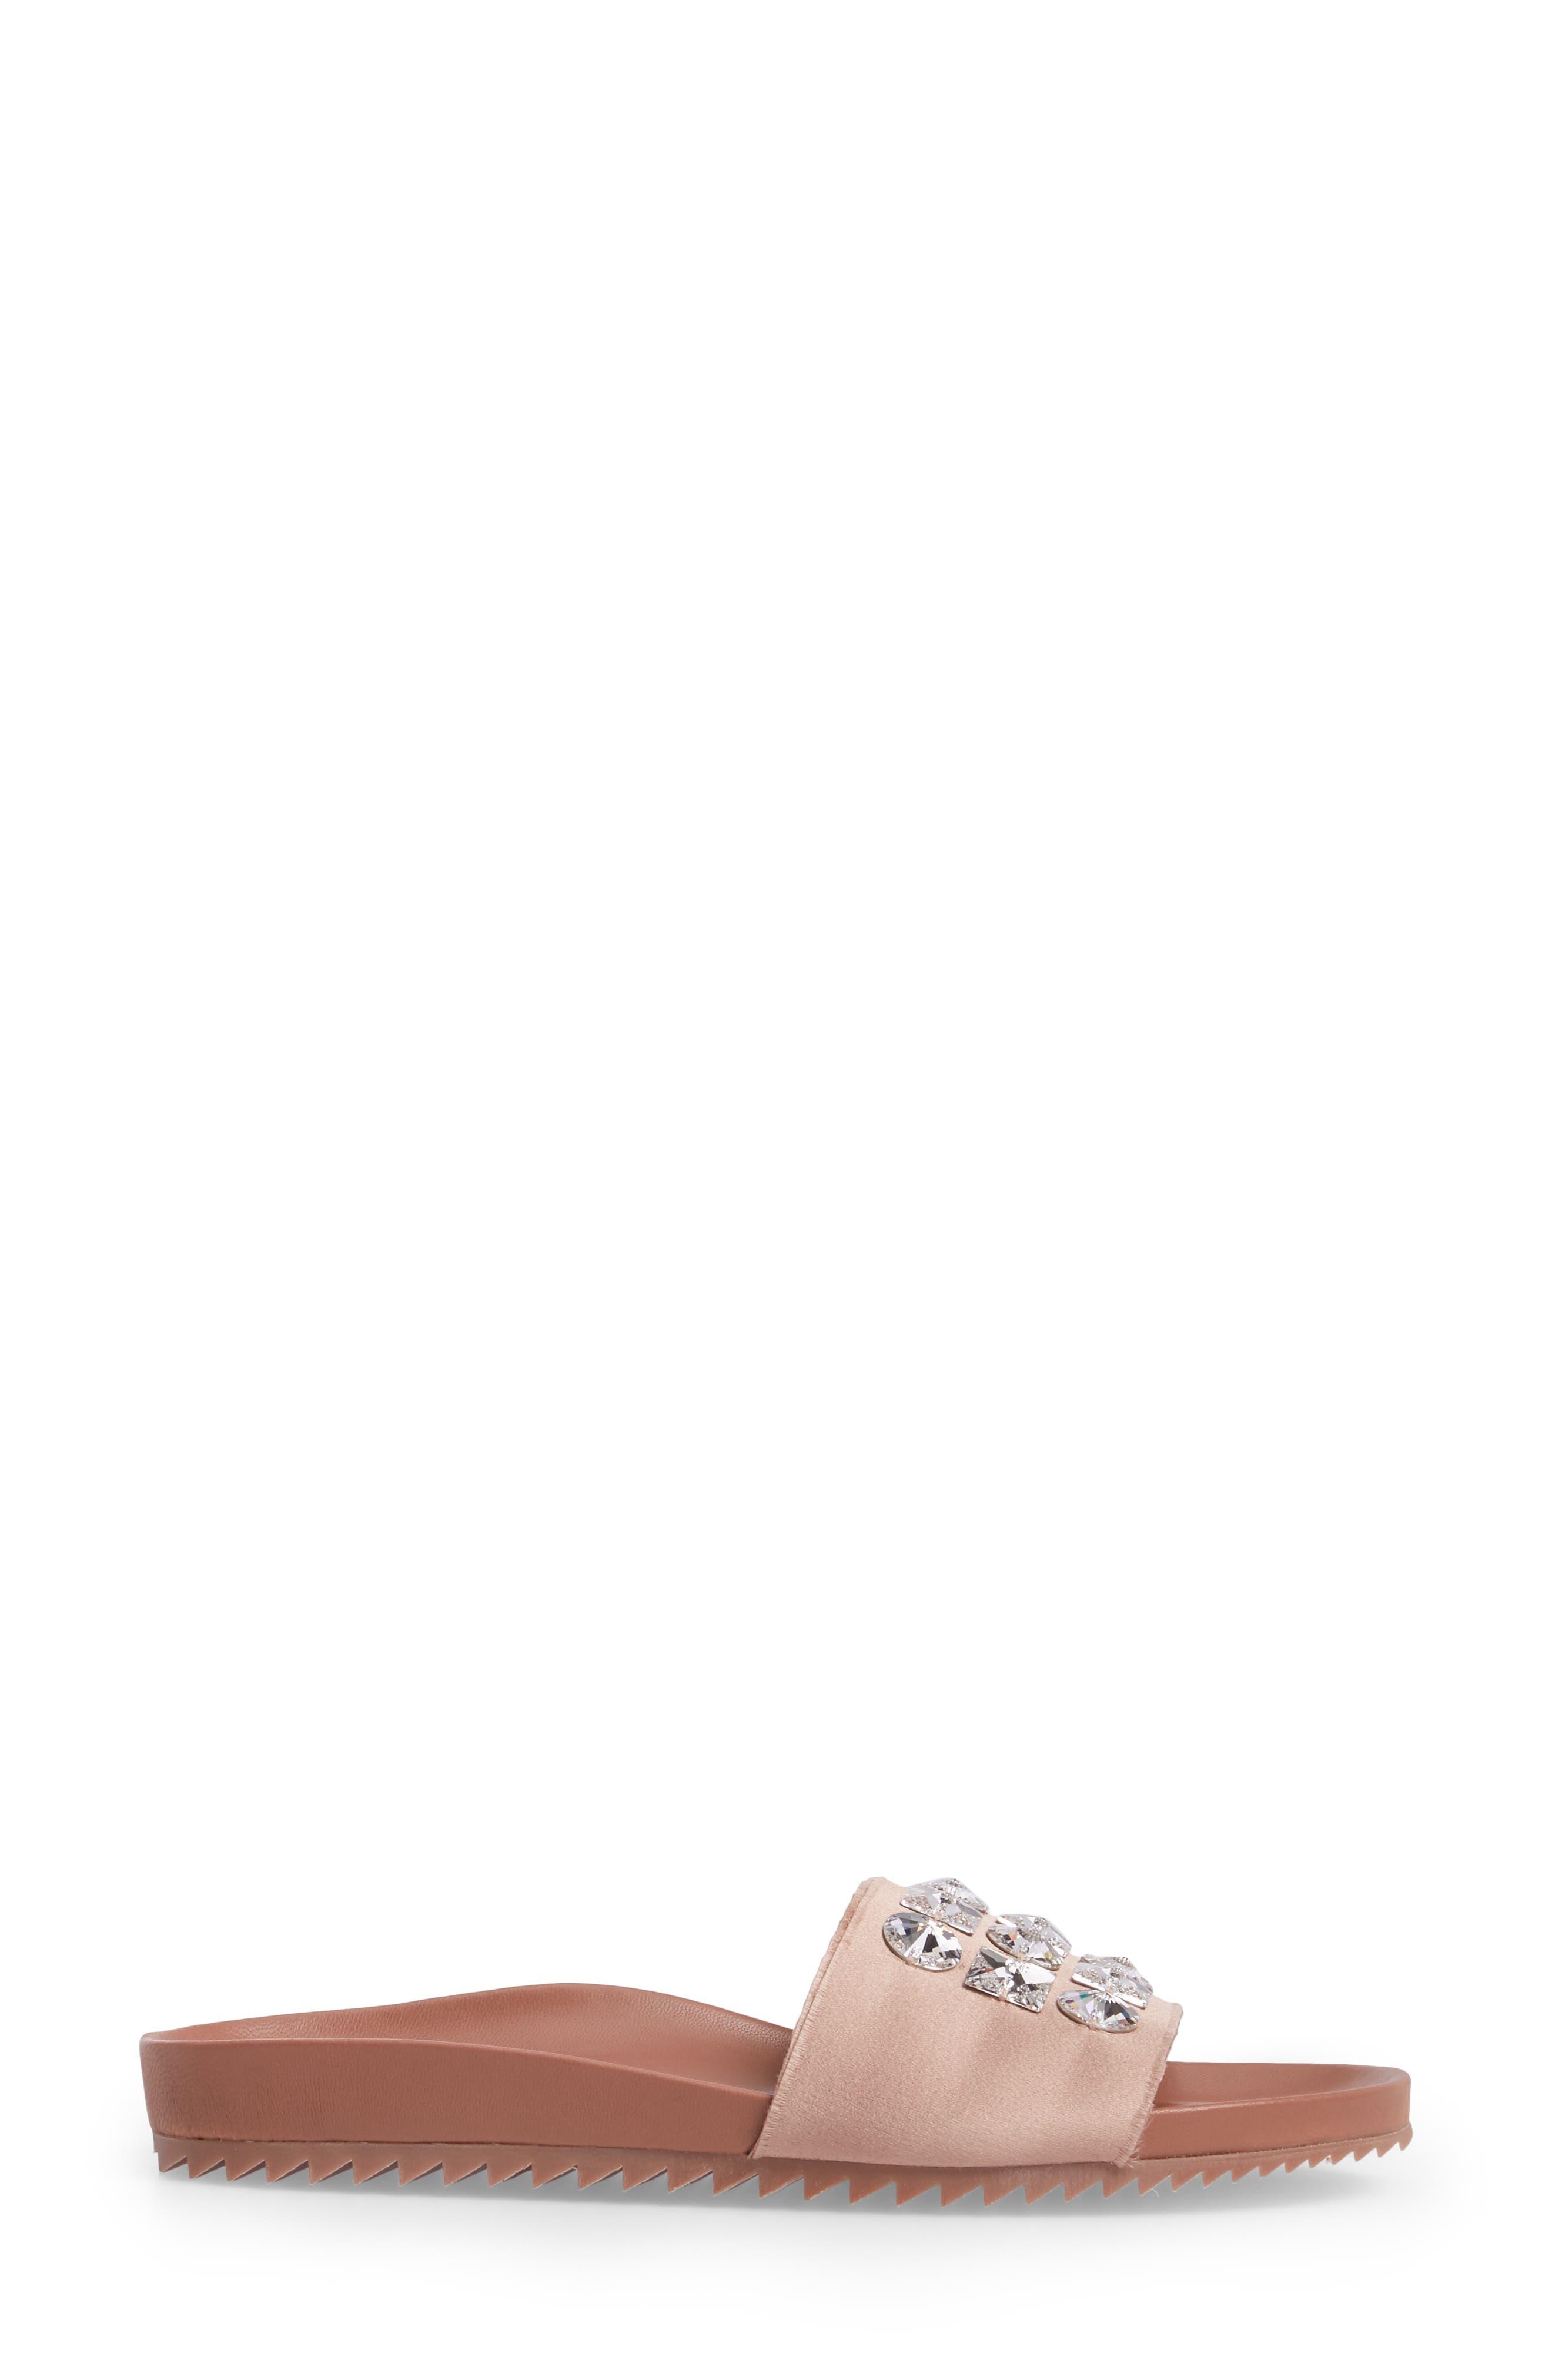 Amery Crystal Slide Sandal,                             Alternate thumbnail 3, color,                             Bisque Satin